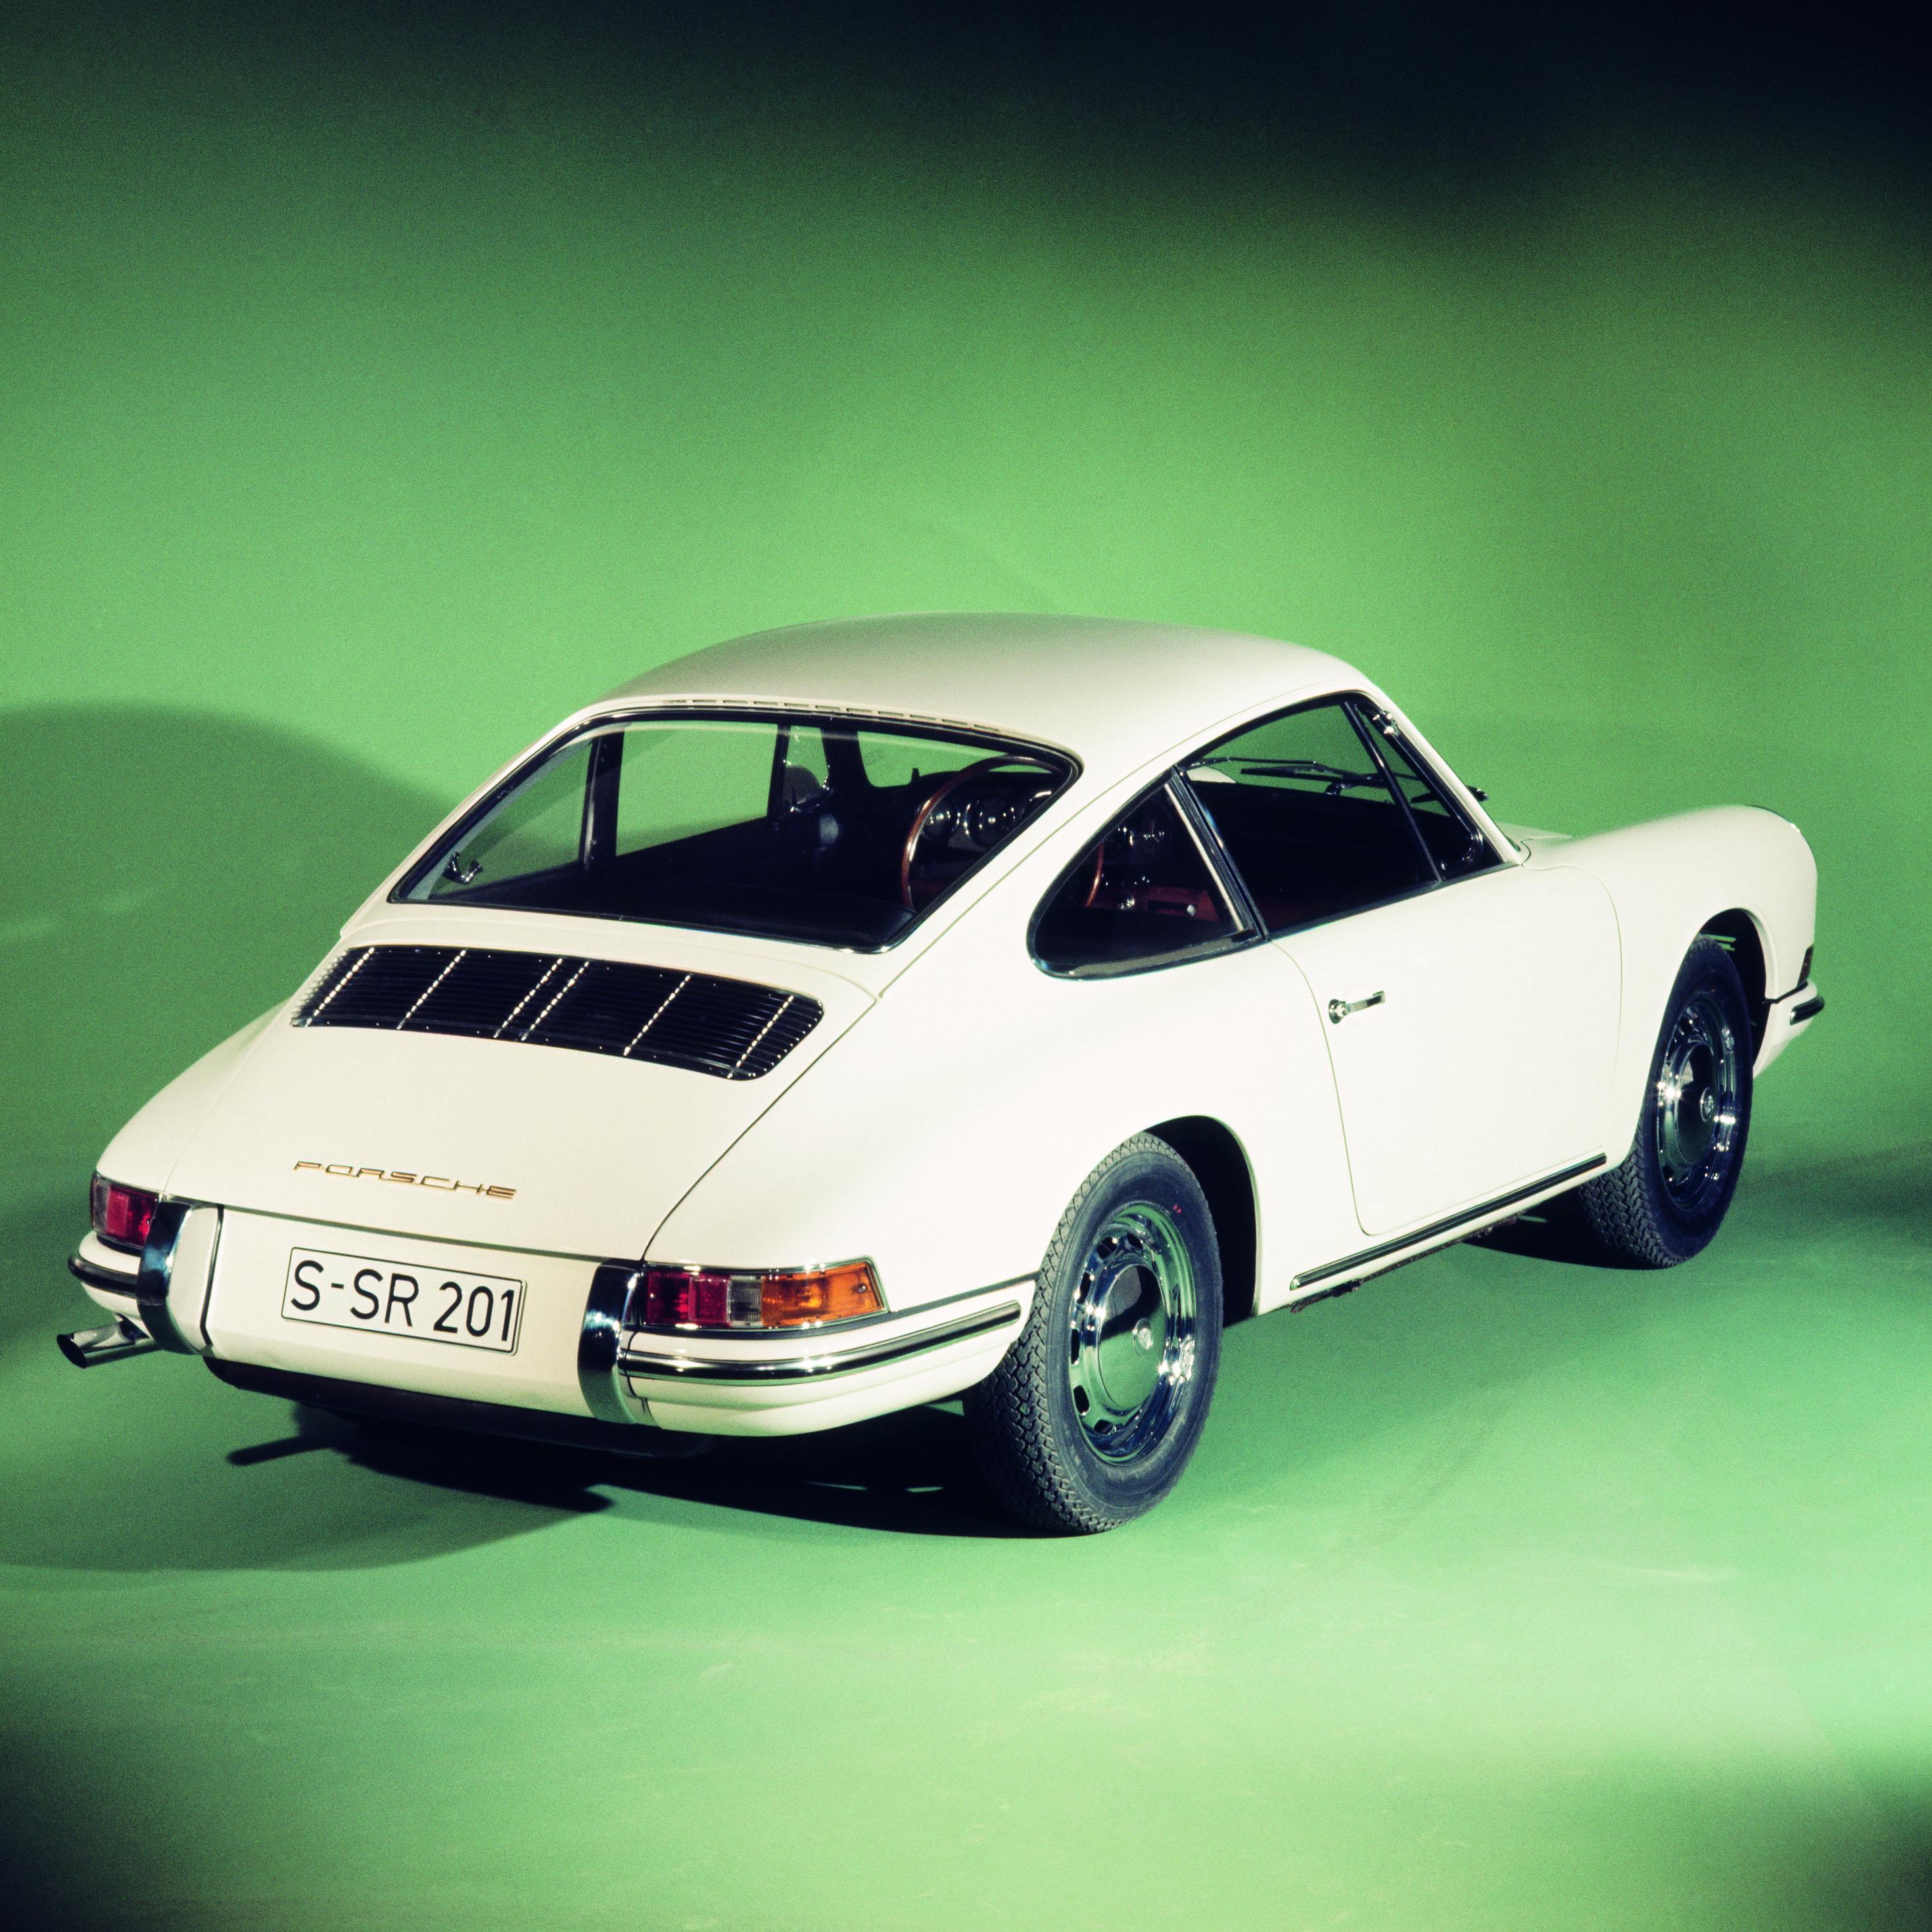 Driving an early Porsche 911